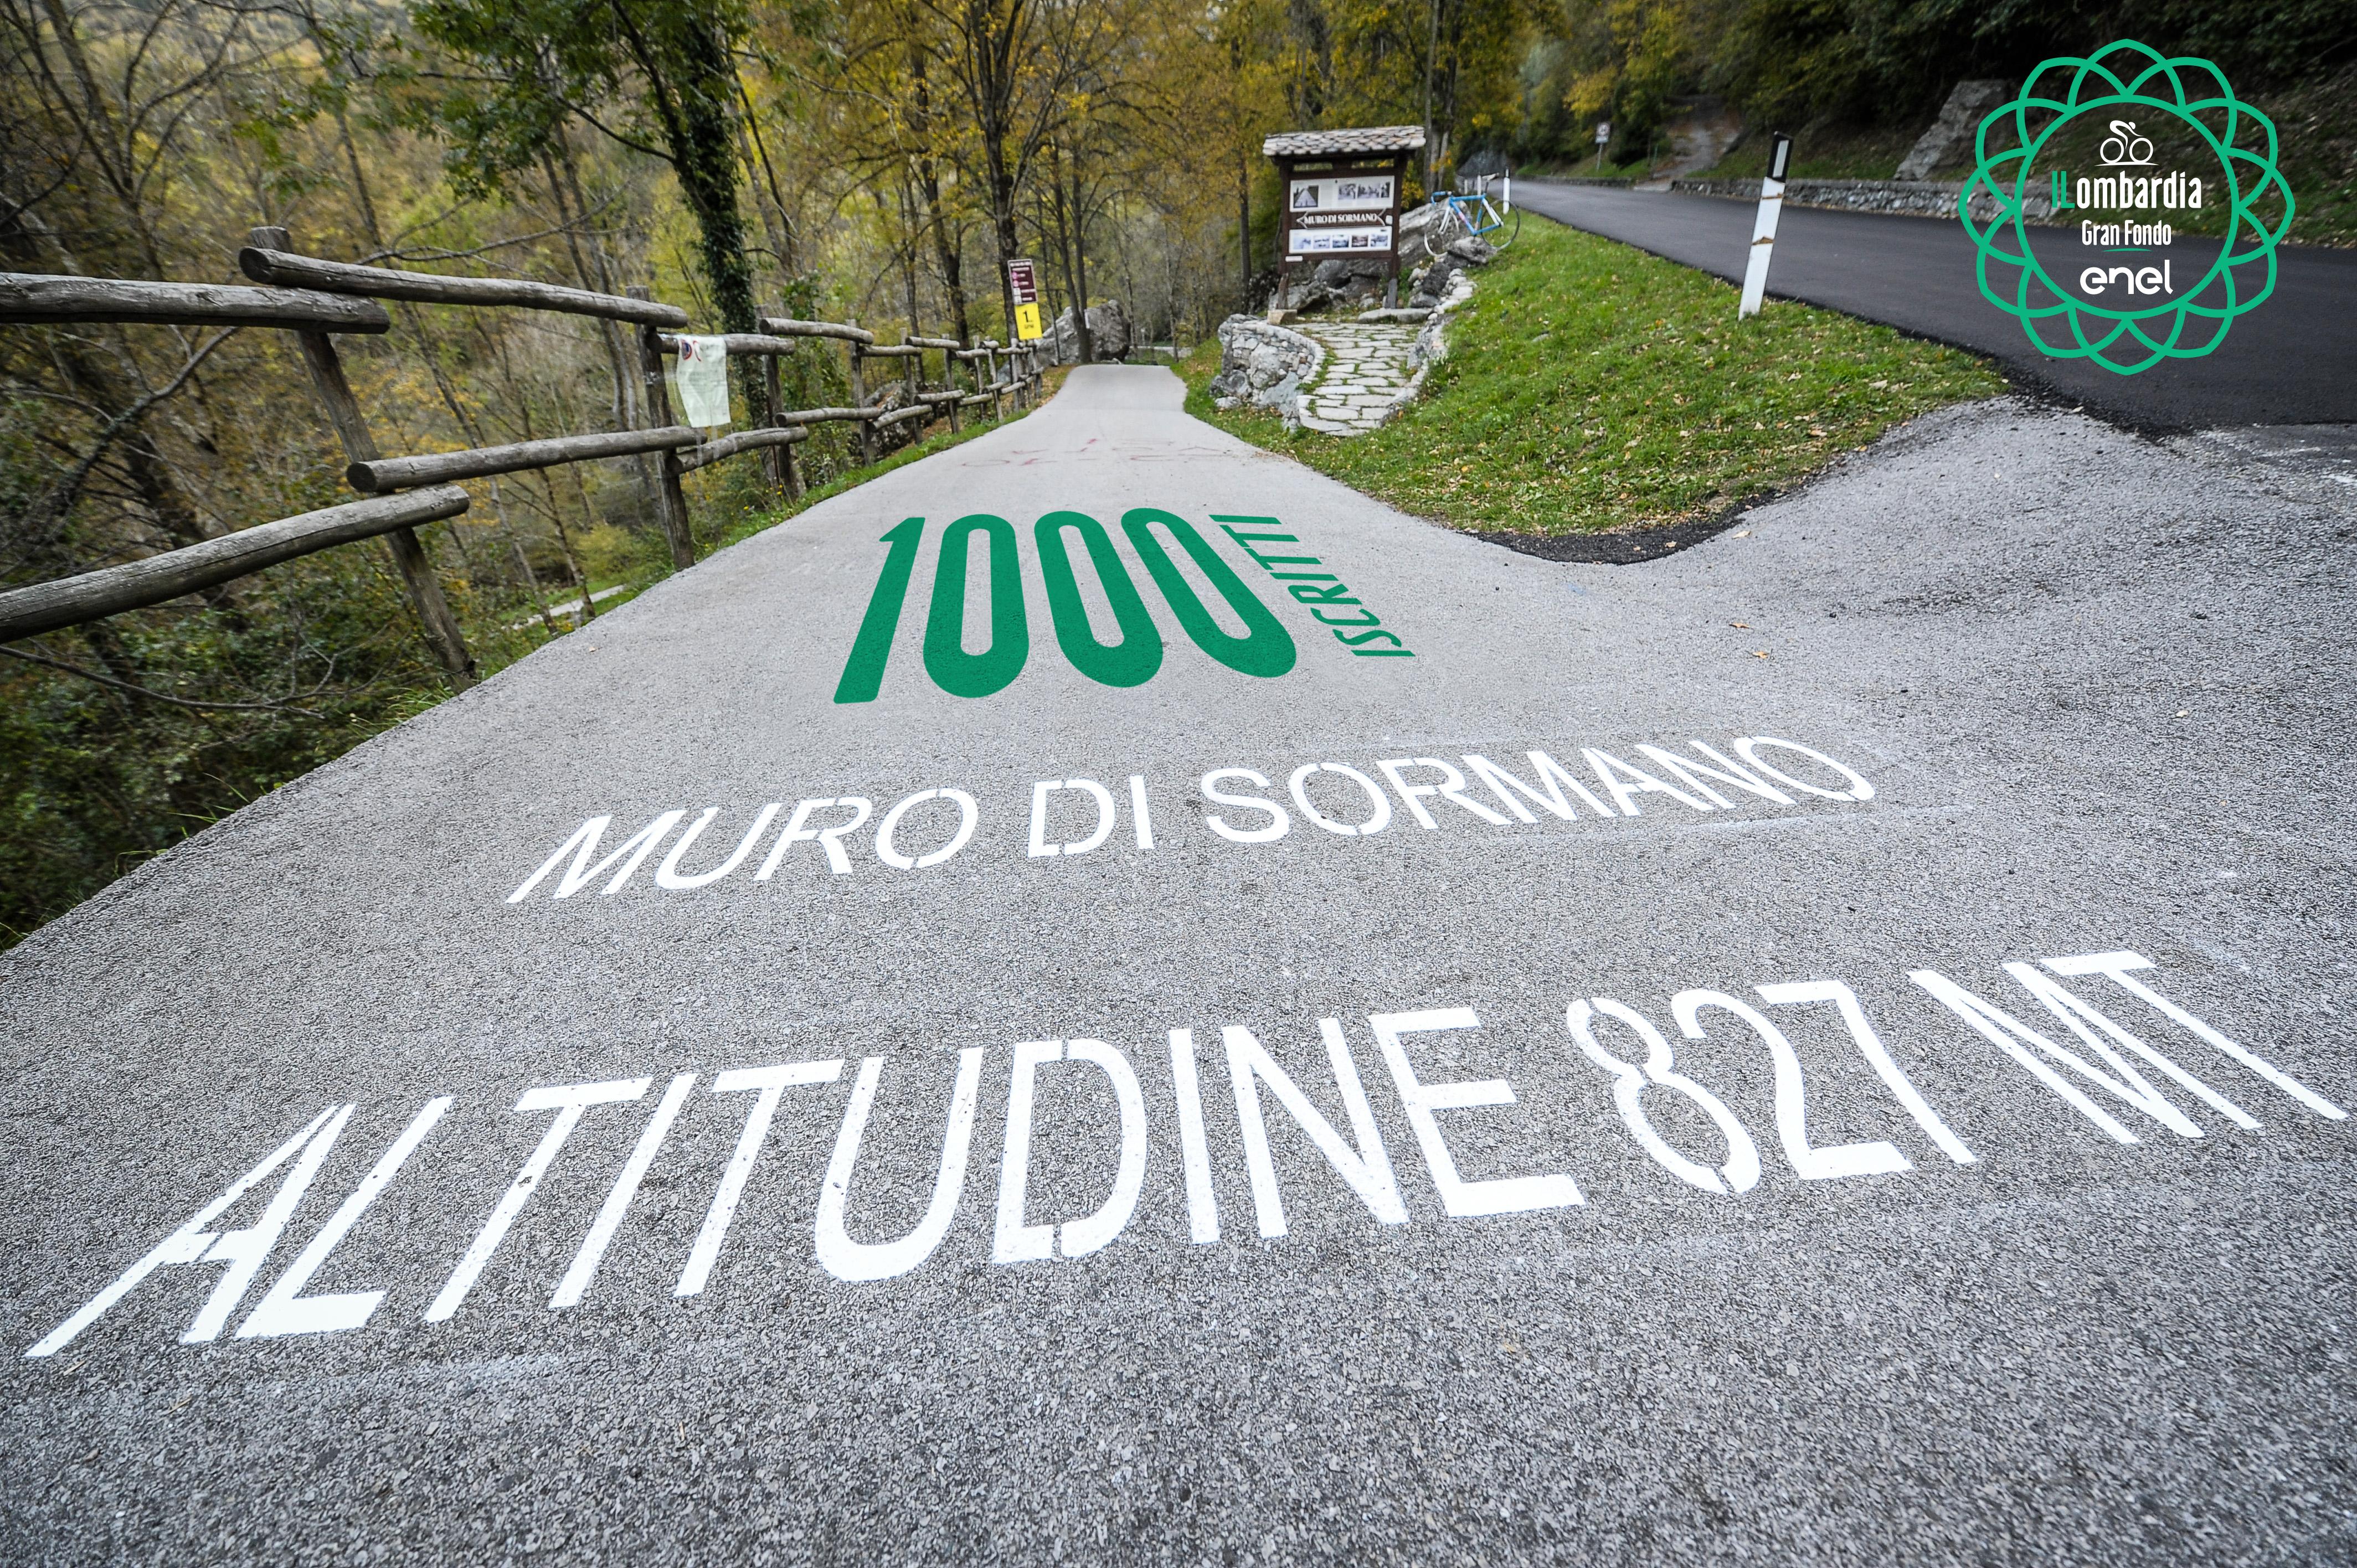 Raggiunti i 1000 iscritti alla Gran Fondo Il Lombardia